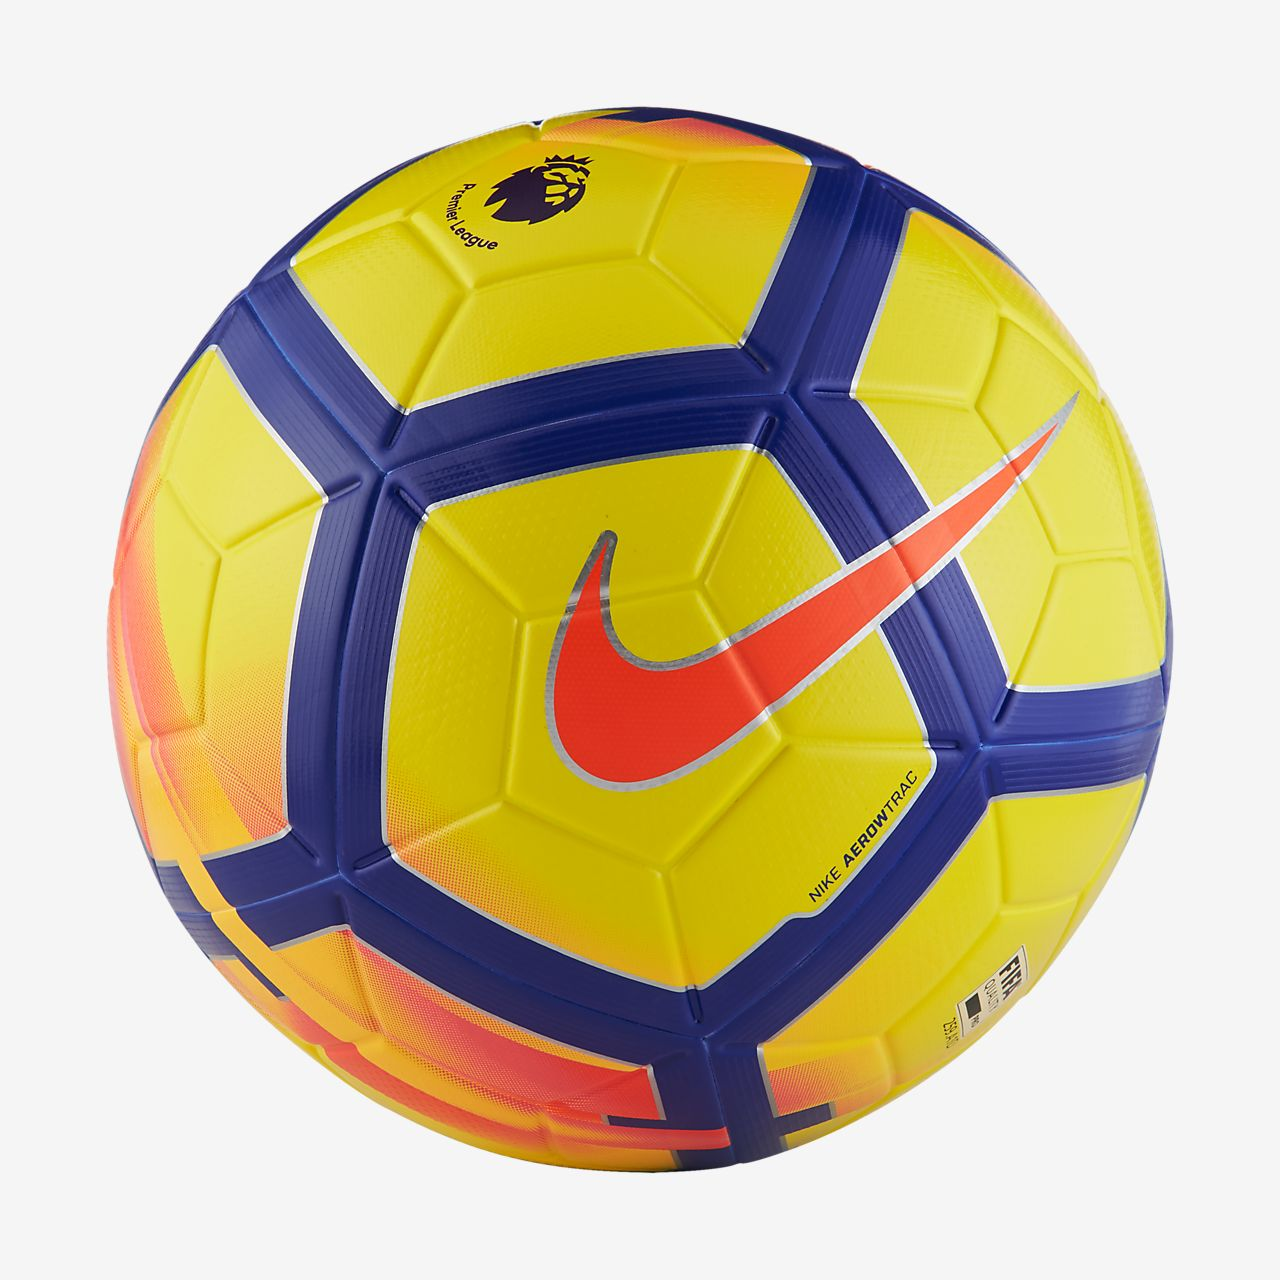 ... Nike Ordem V Premier League Soccer Ball